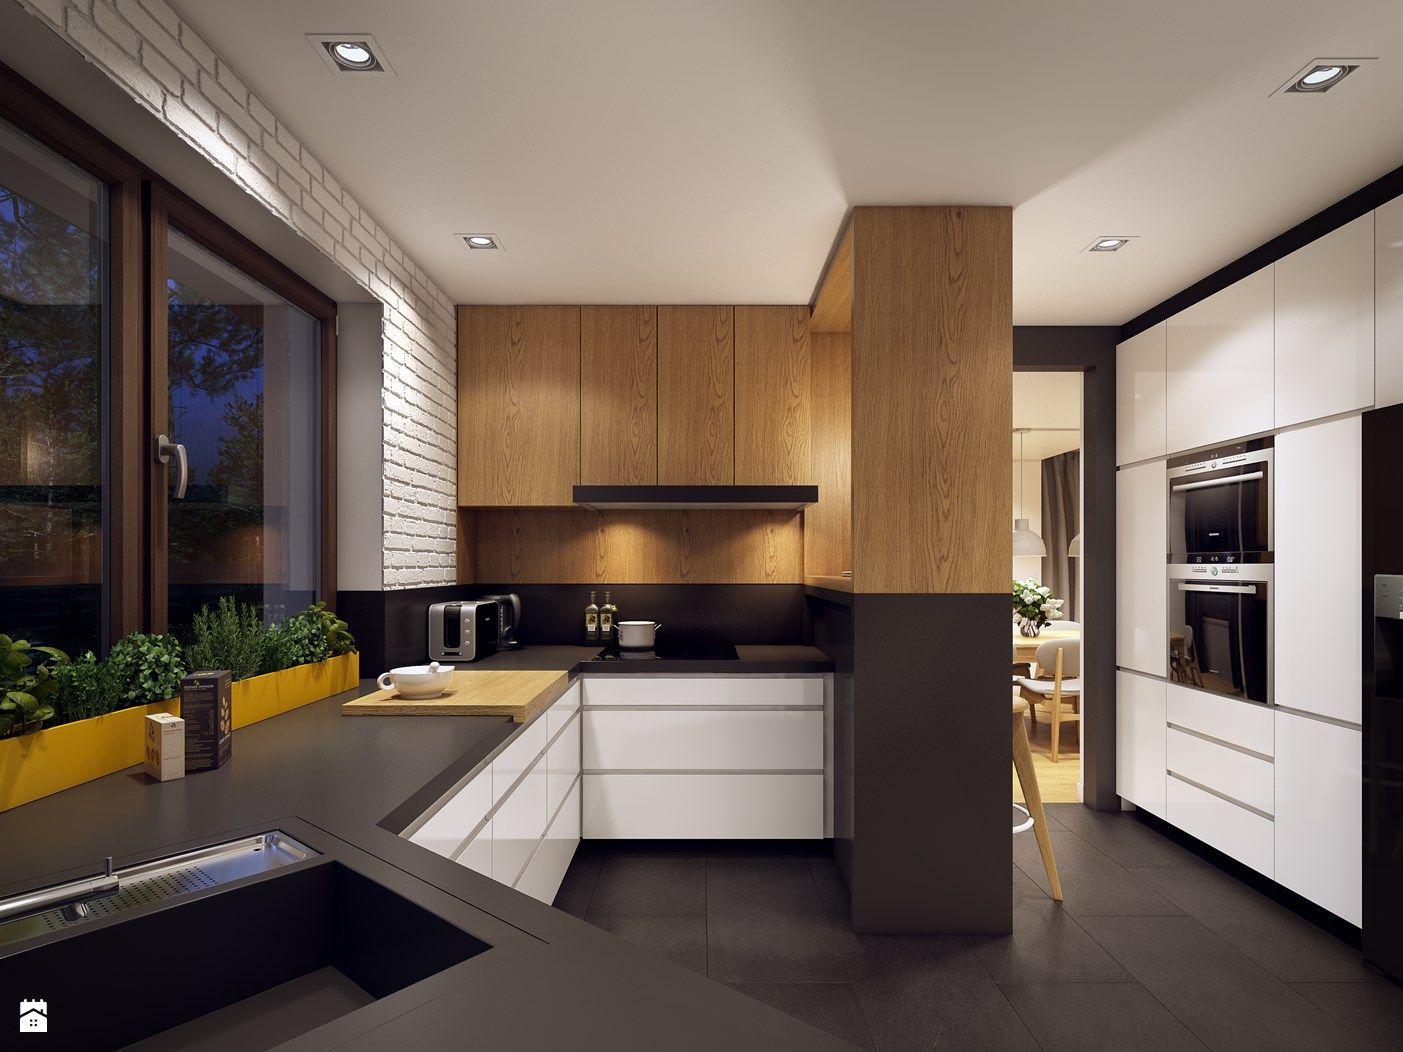 Wunderbar Küche Design Nz Villa Ideen - Ideen Für Die Küche ...